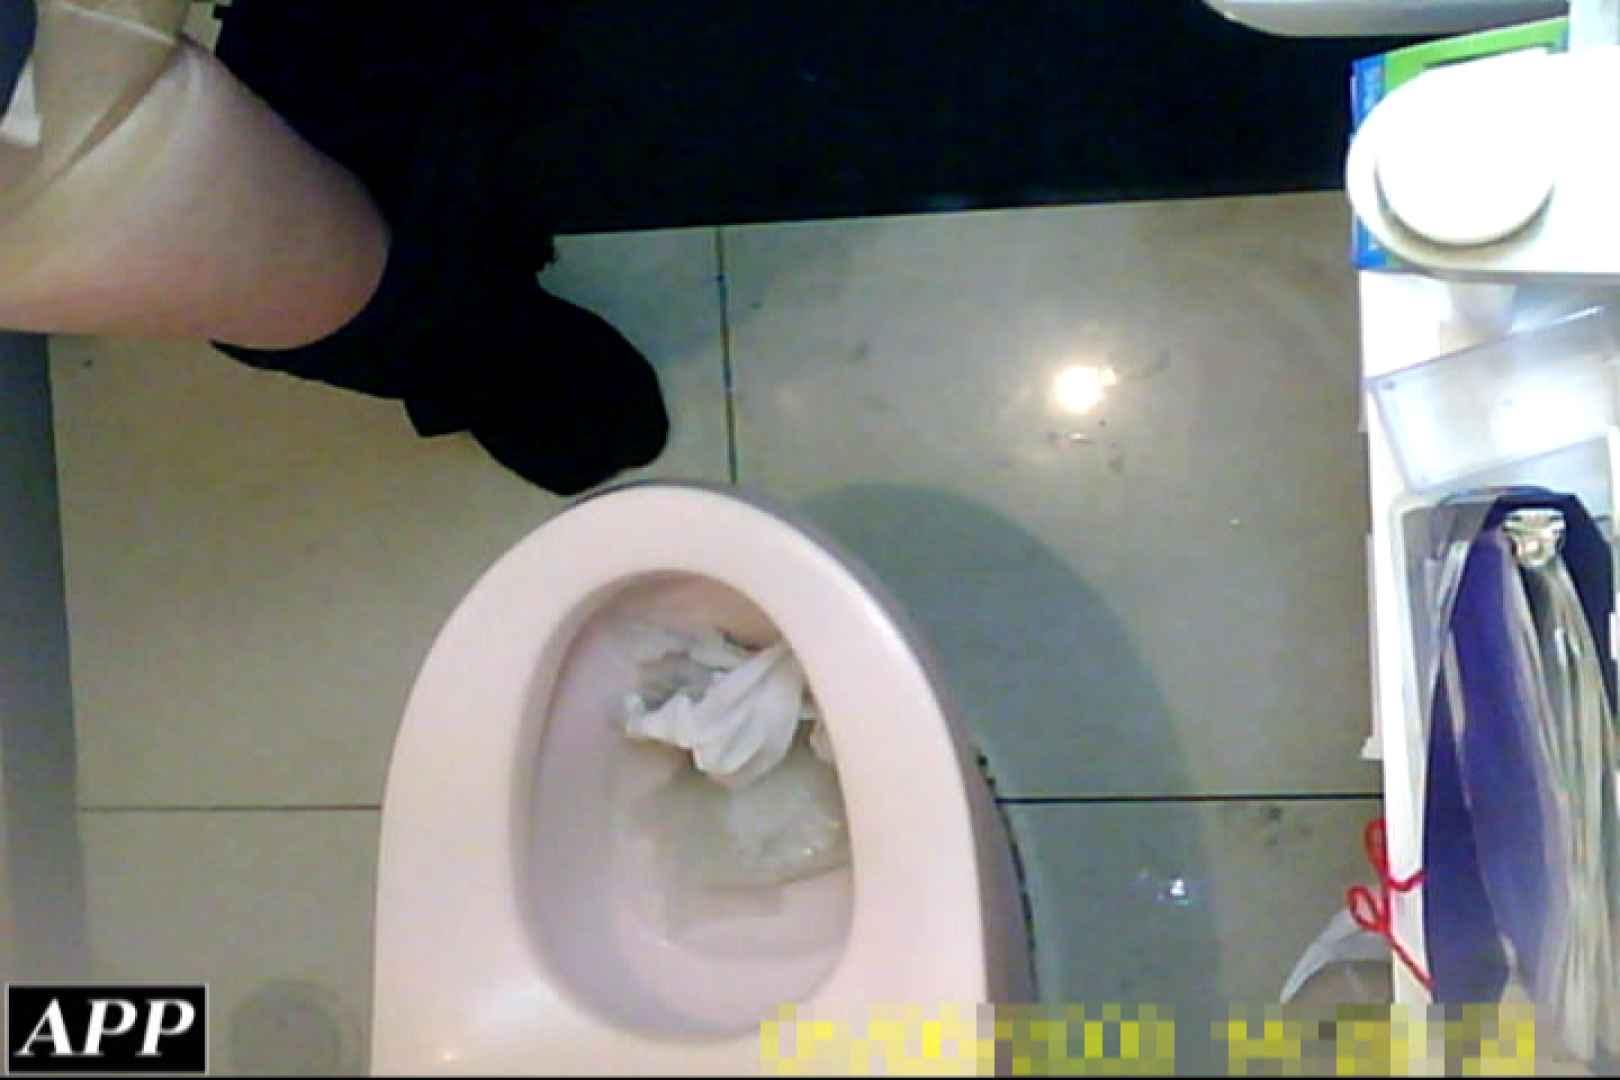 3視点洗面所 vol.93 マンコ セックス無修正動画無料 98画像 18